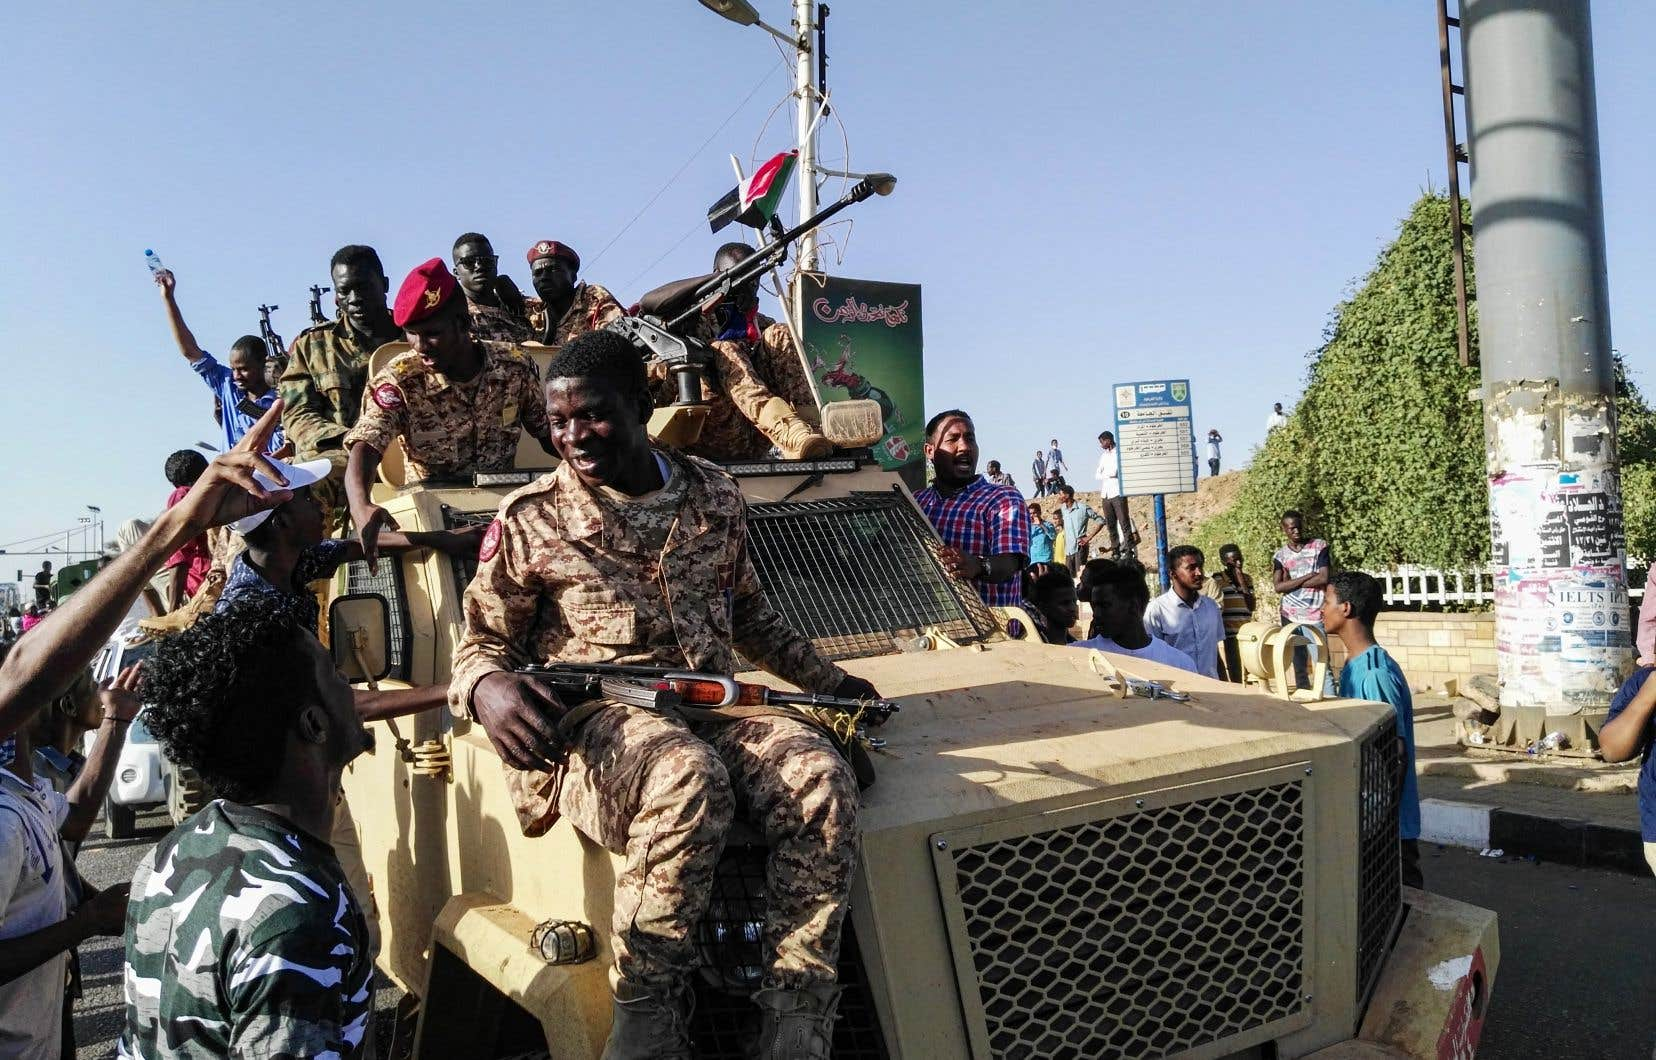 Des manifestants grimpent sur un véhicule militaire, aux côtés de soldats, près du quartier général de l'armée à Khartoum, le 7 avril 2019.